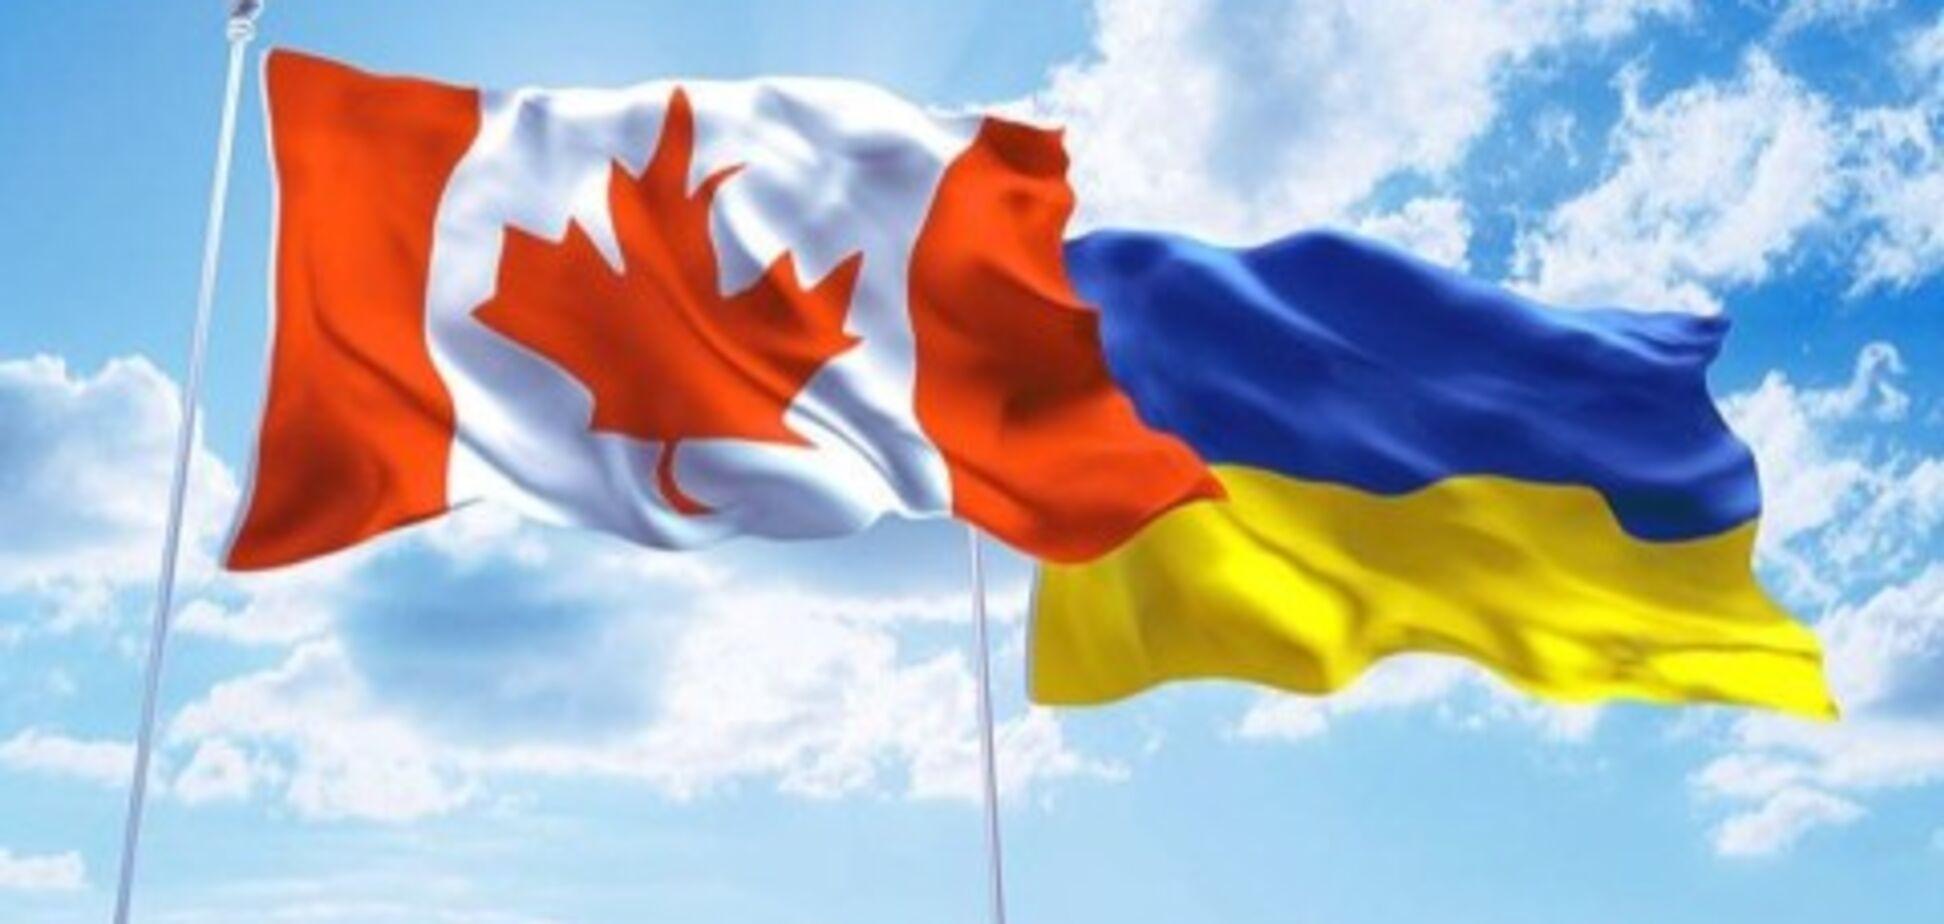 'Опасный прецедент': в РФ испугались поставок Канадой оружия Украине